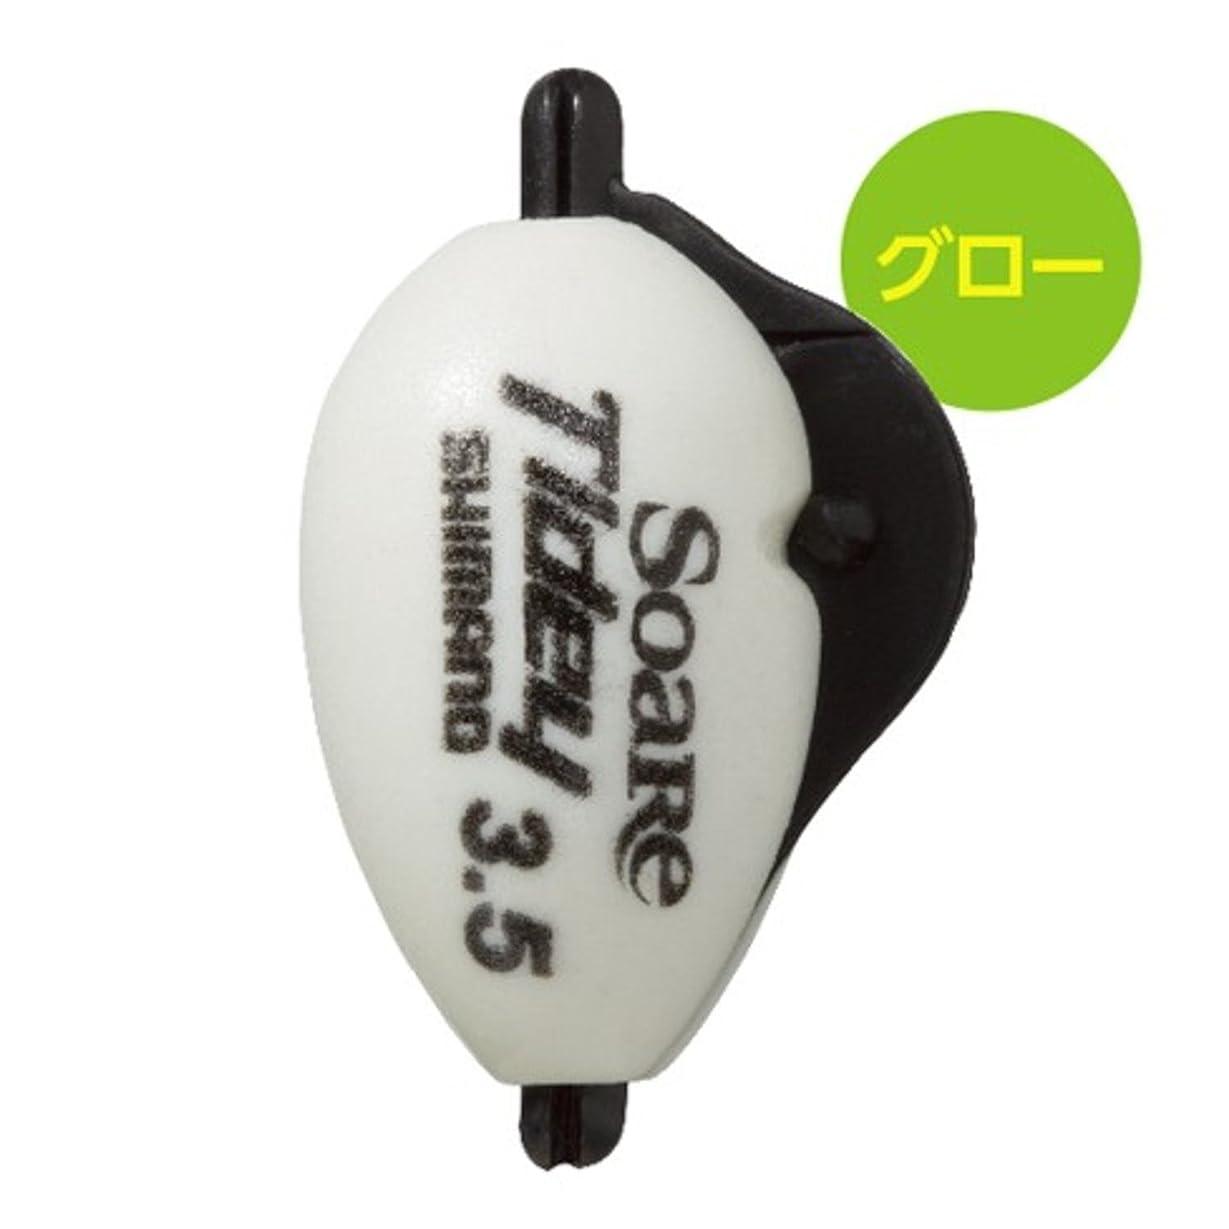 説得力のある関税アブストラクトSHIMANO(シマノ) ウキ ソアレ タイディ 01T グロー 3.5 SF-T21Q - -